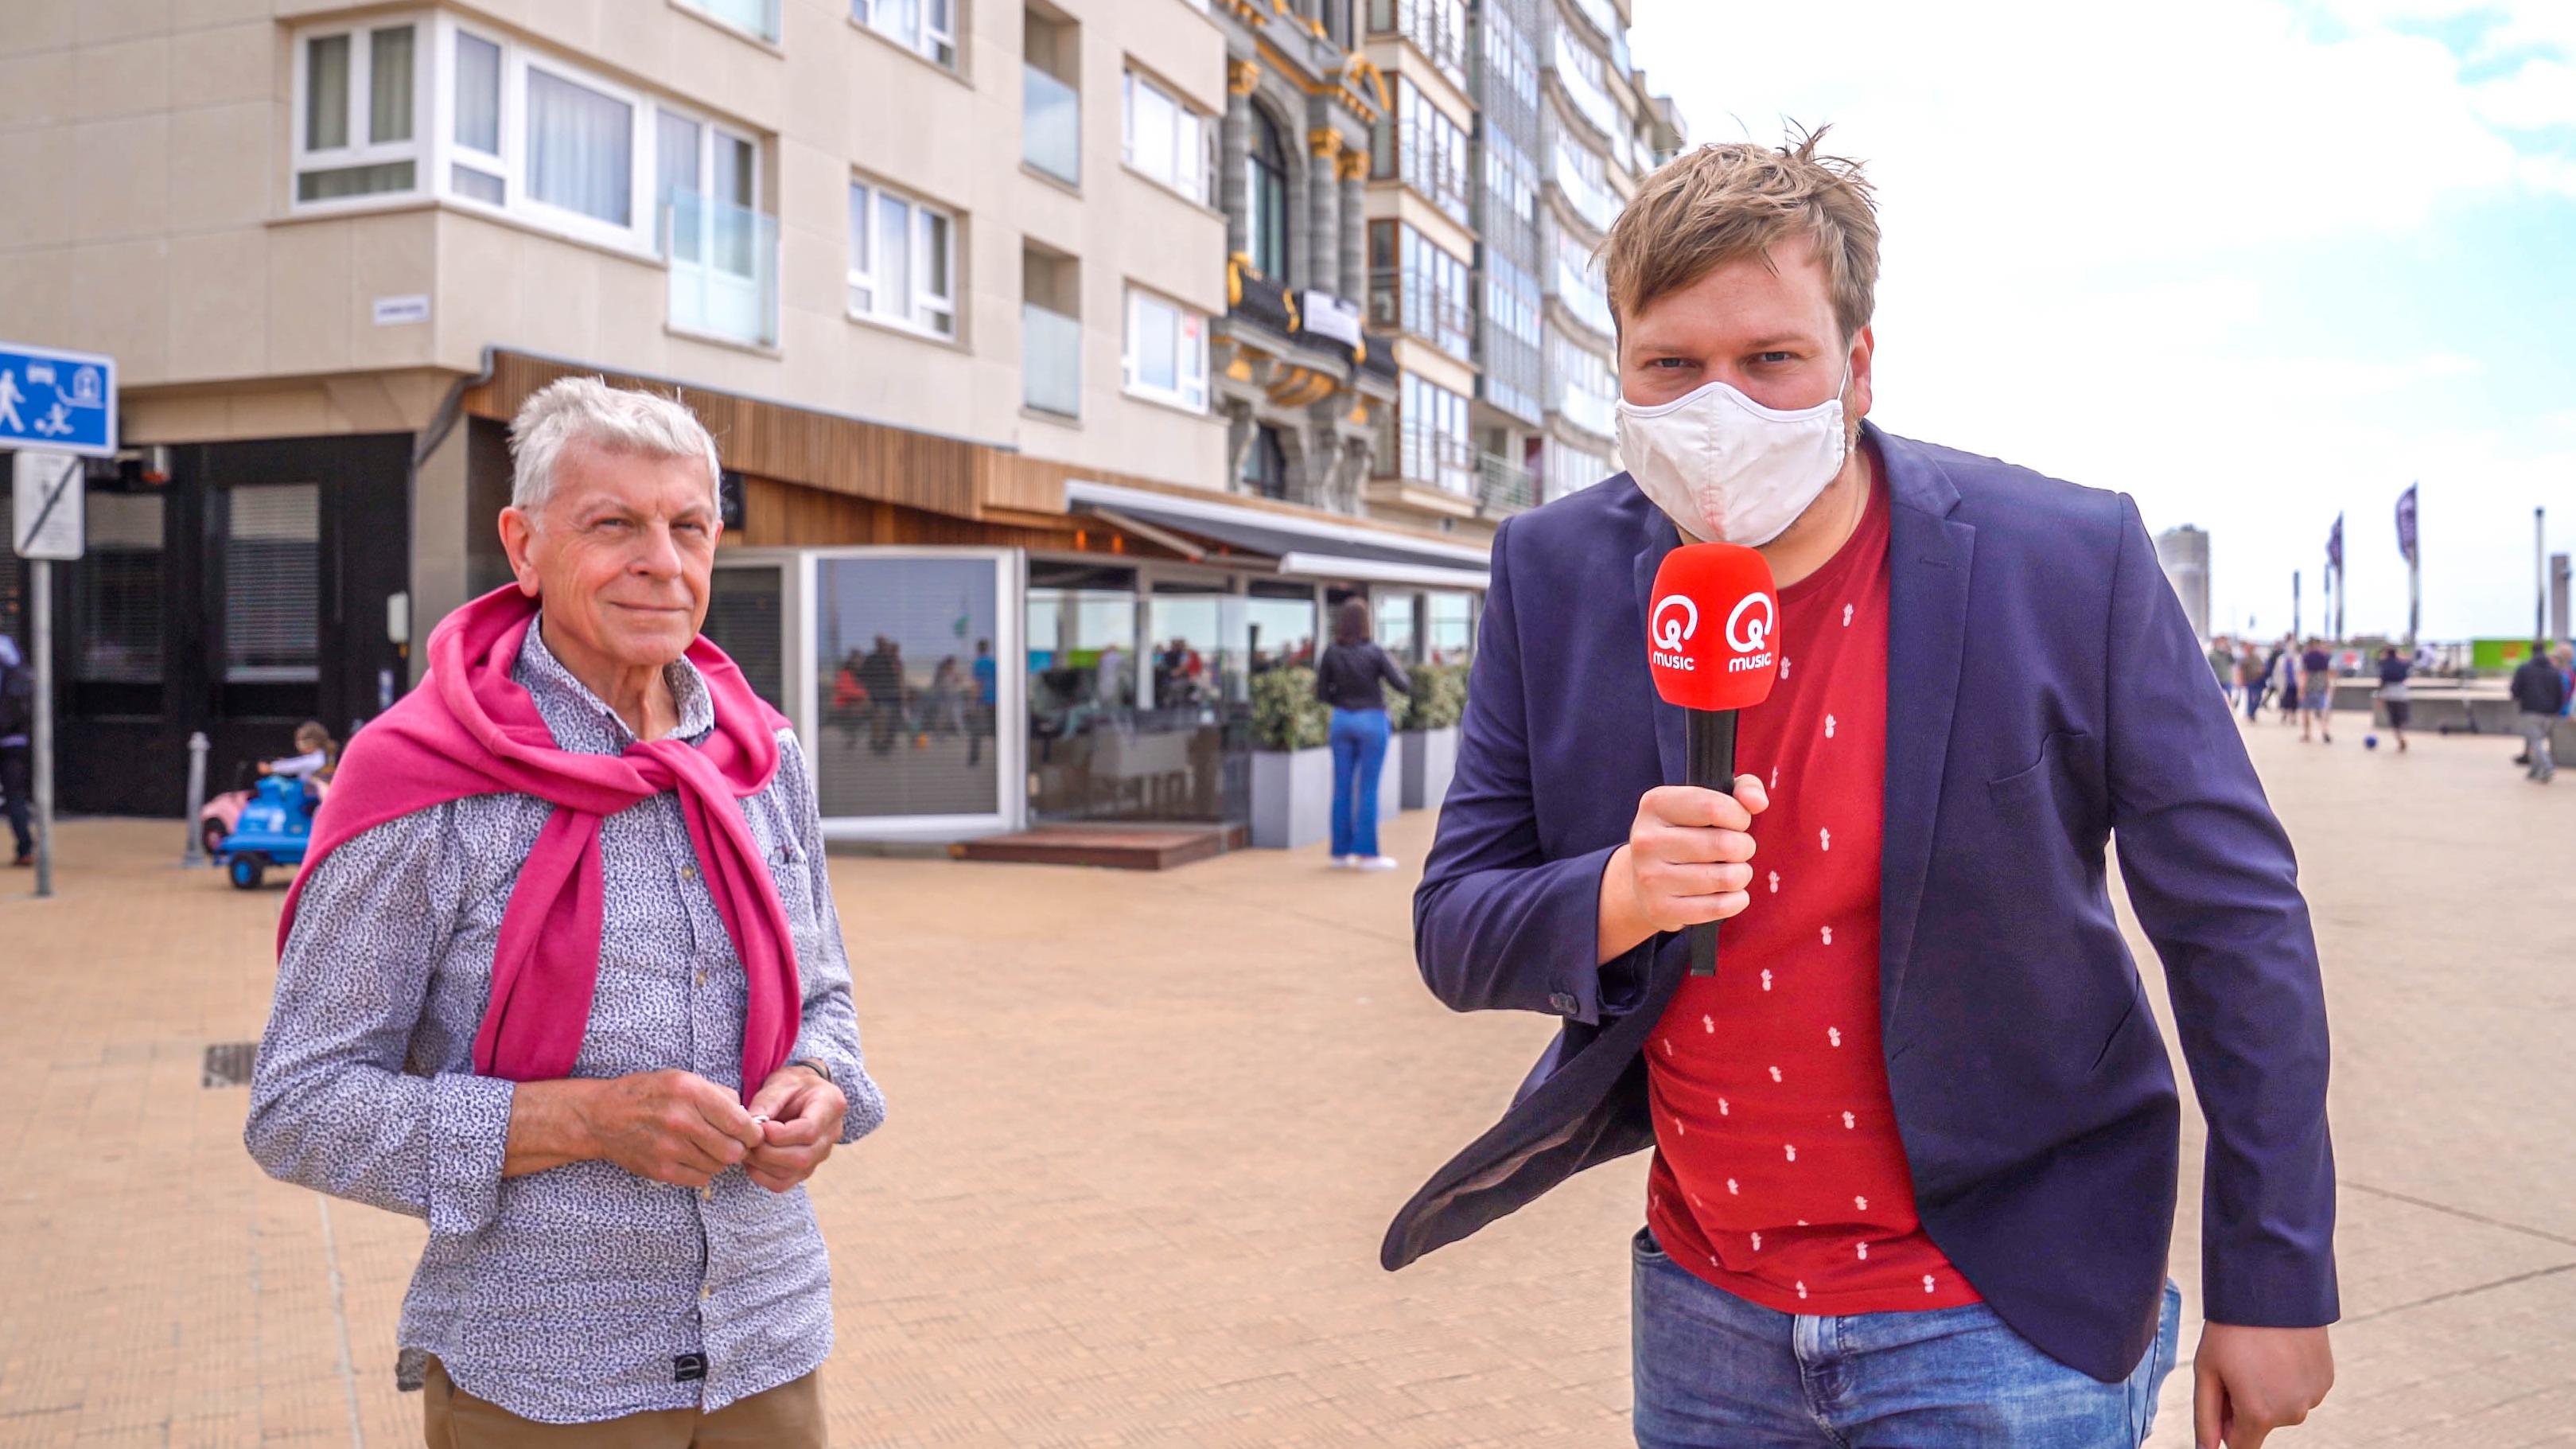 Gerrit totz